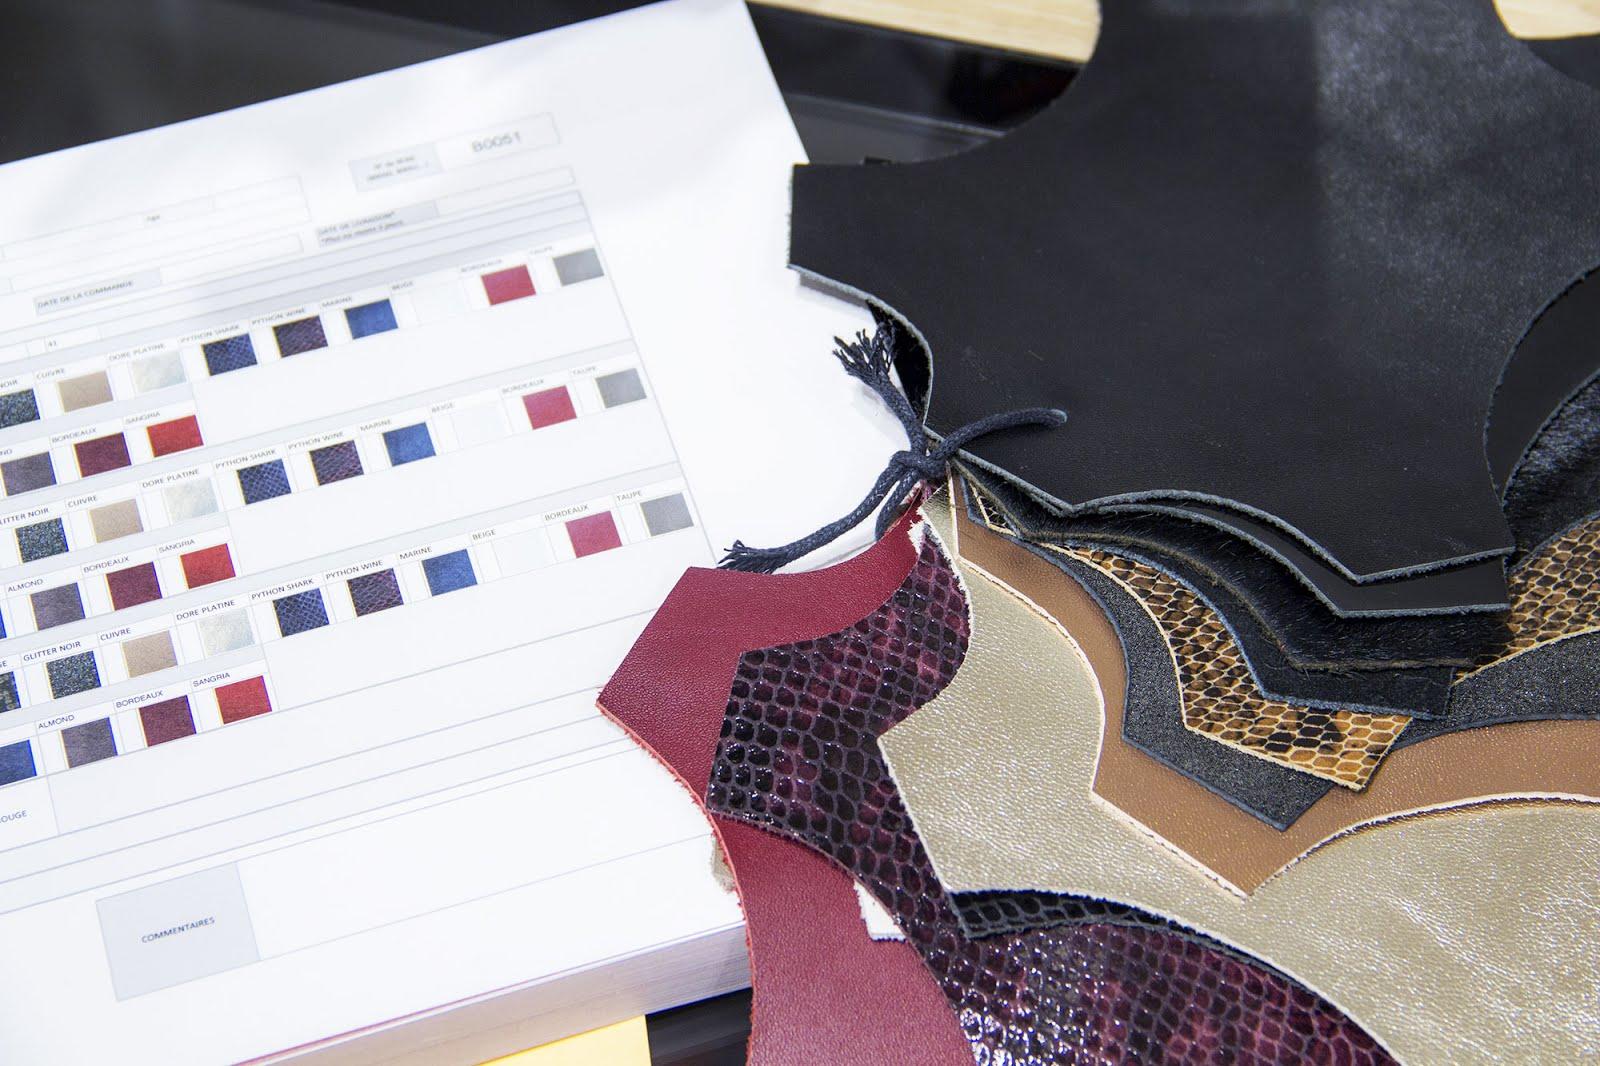 aa4e9deb3b1ef Bottines Personnalisées. Personnalisation de chaussures